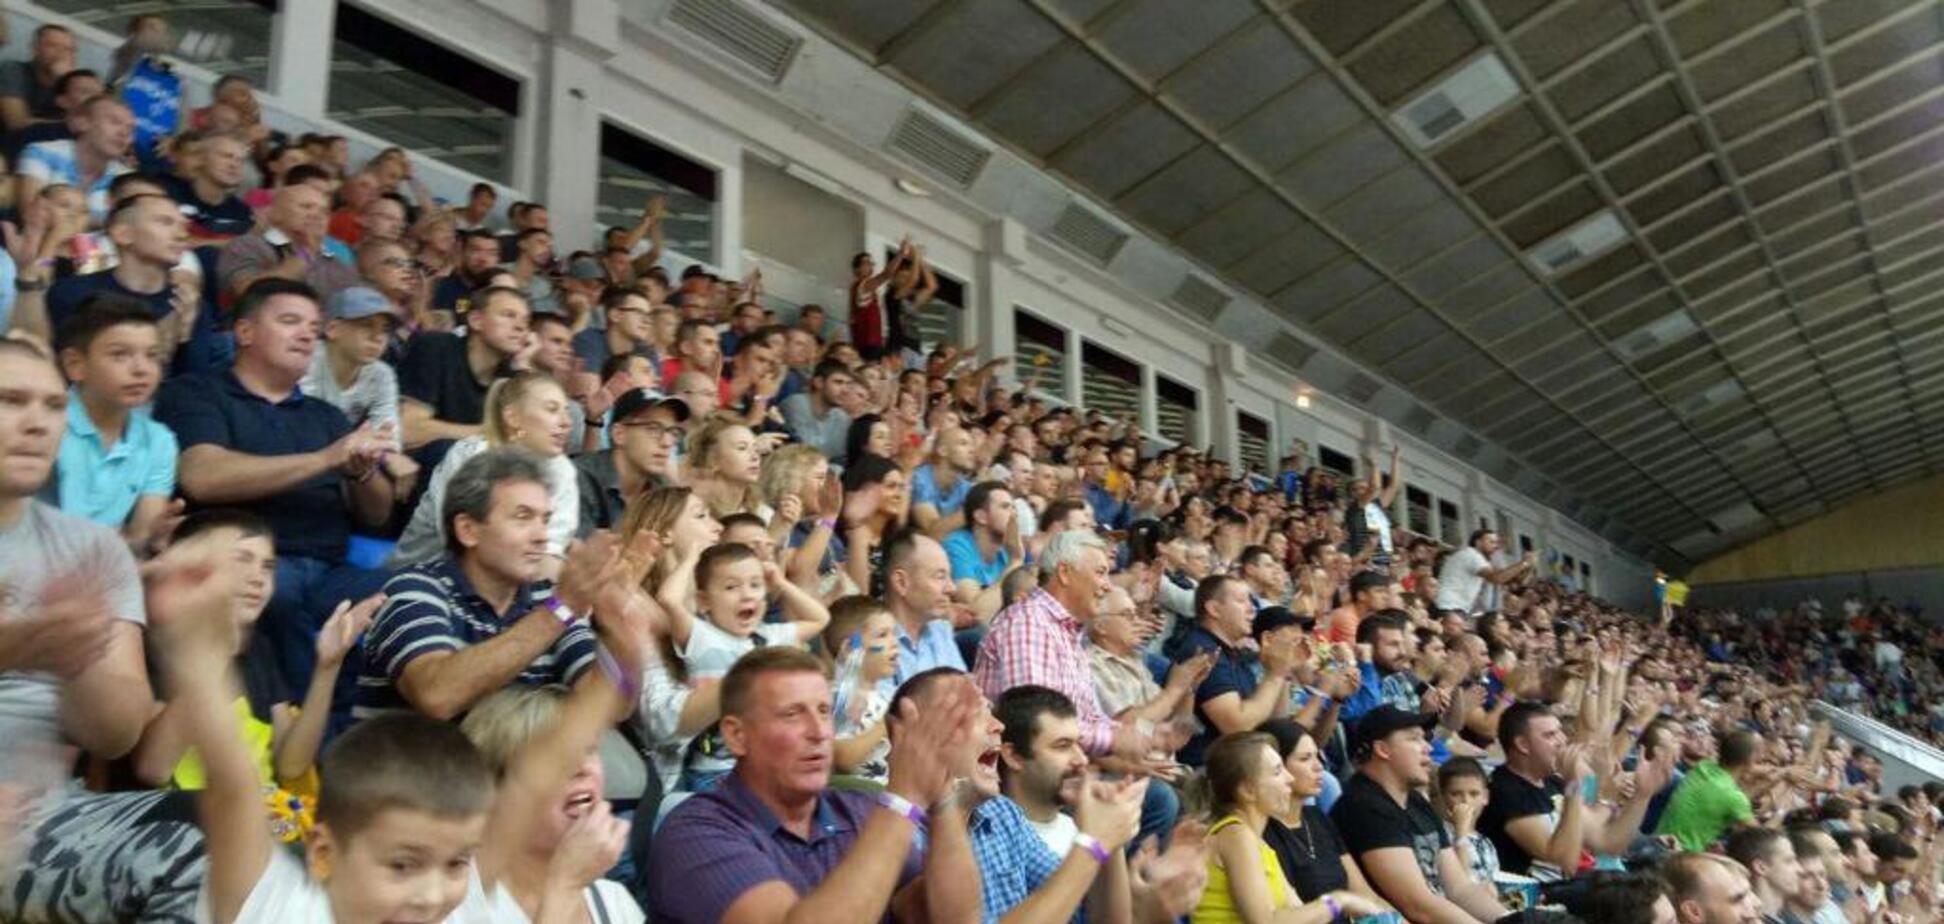 Київ влаштував стоячі овації нашій збірній з баскетболу, заспівавши гімн України